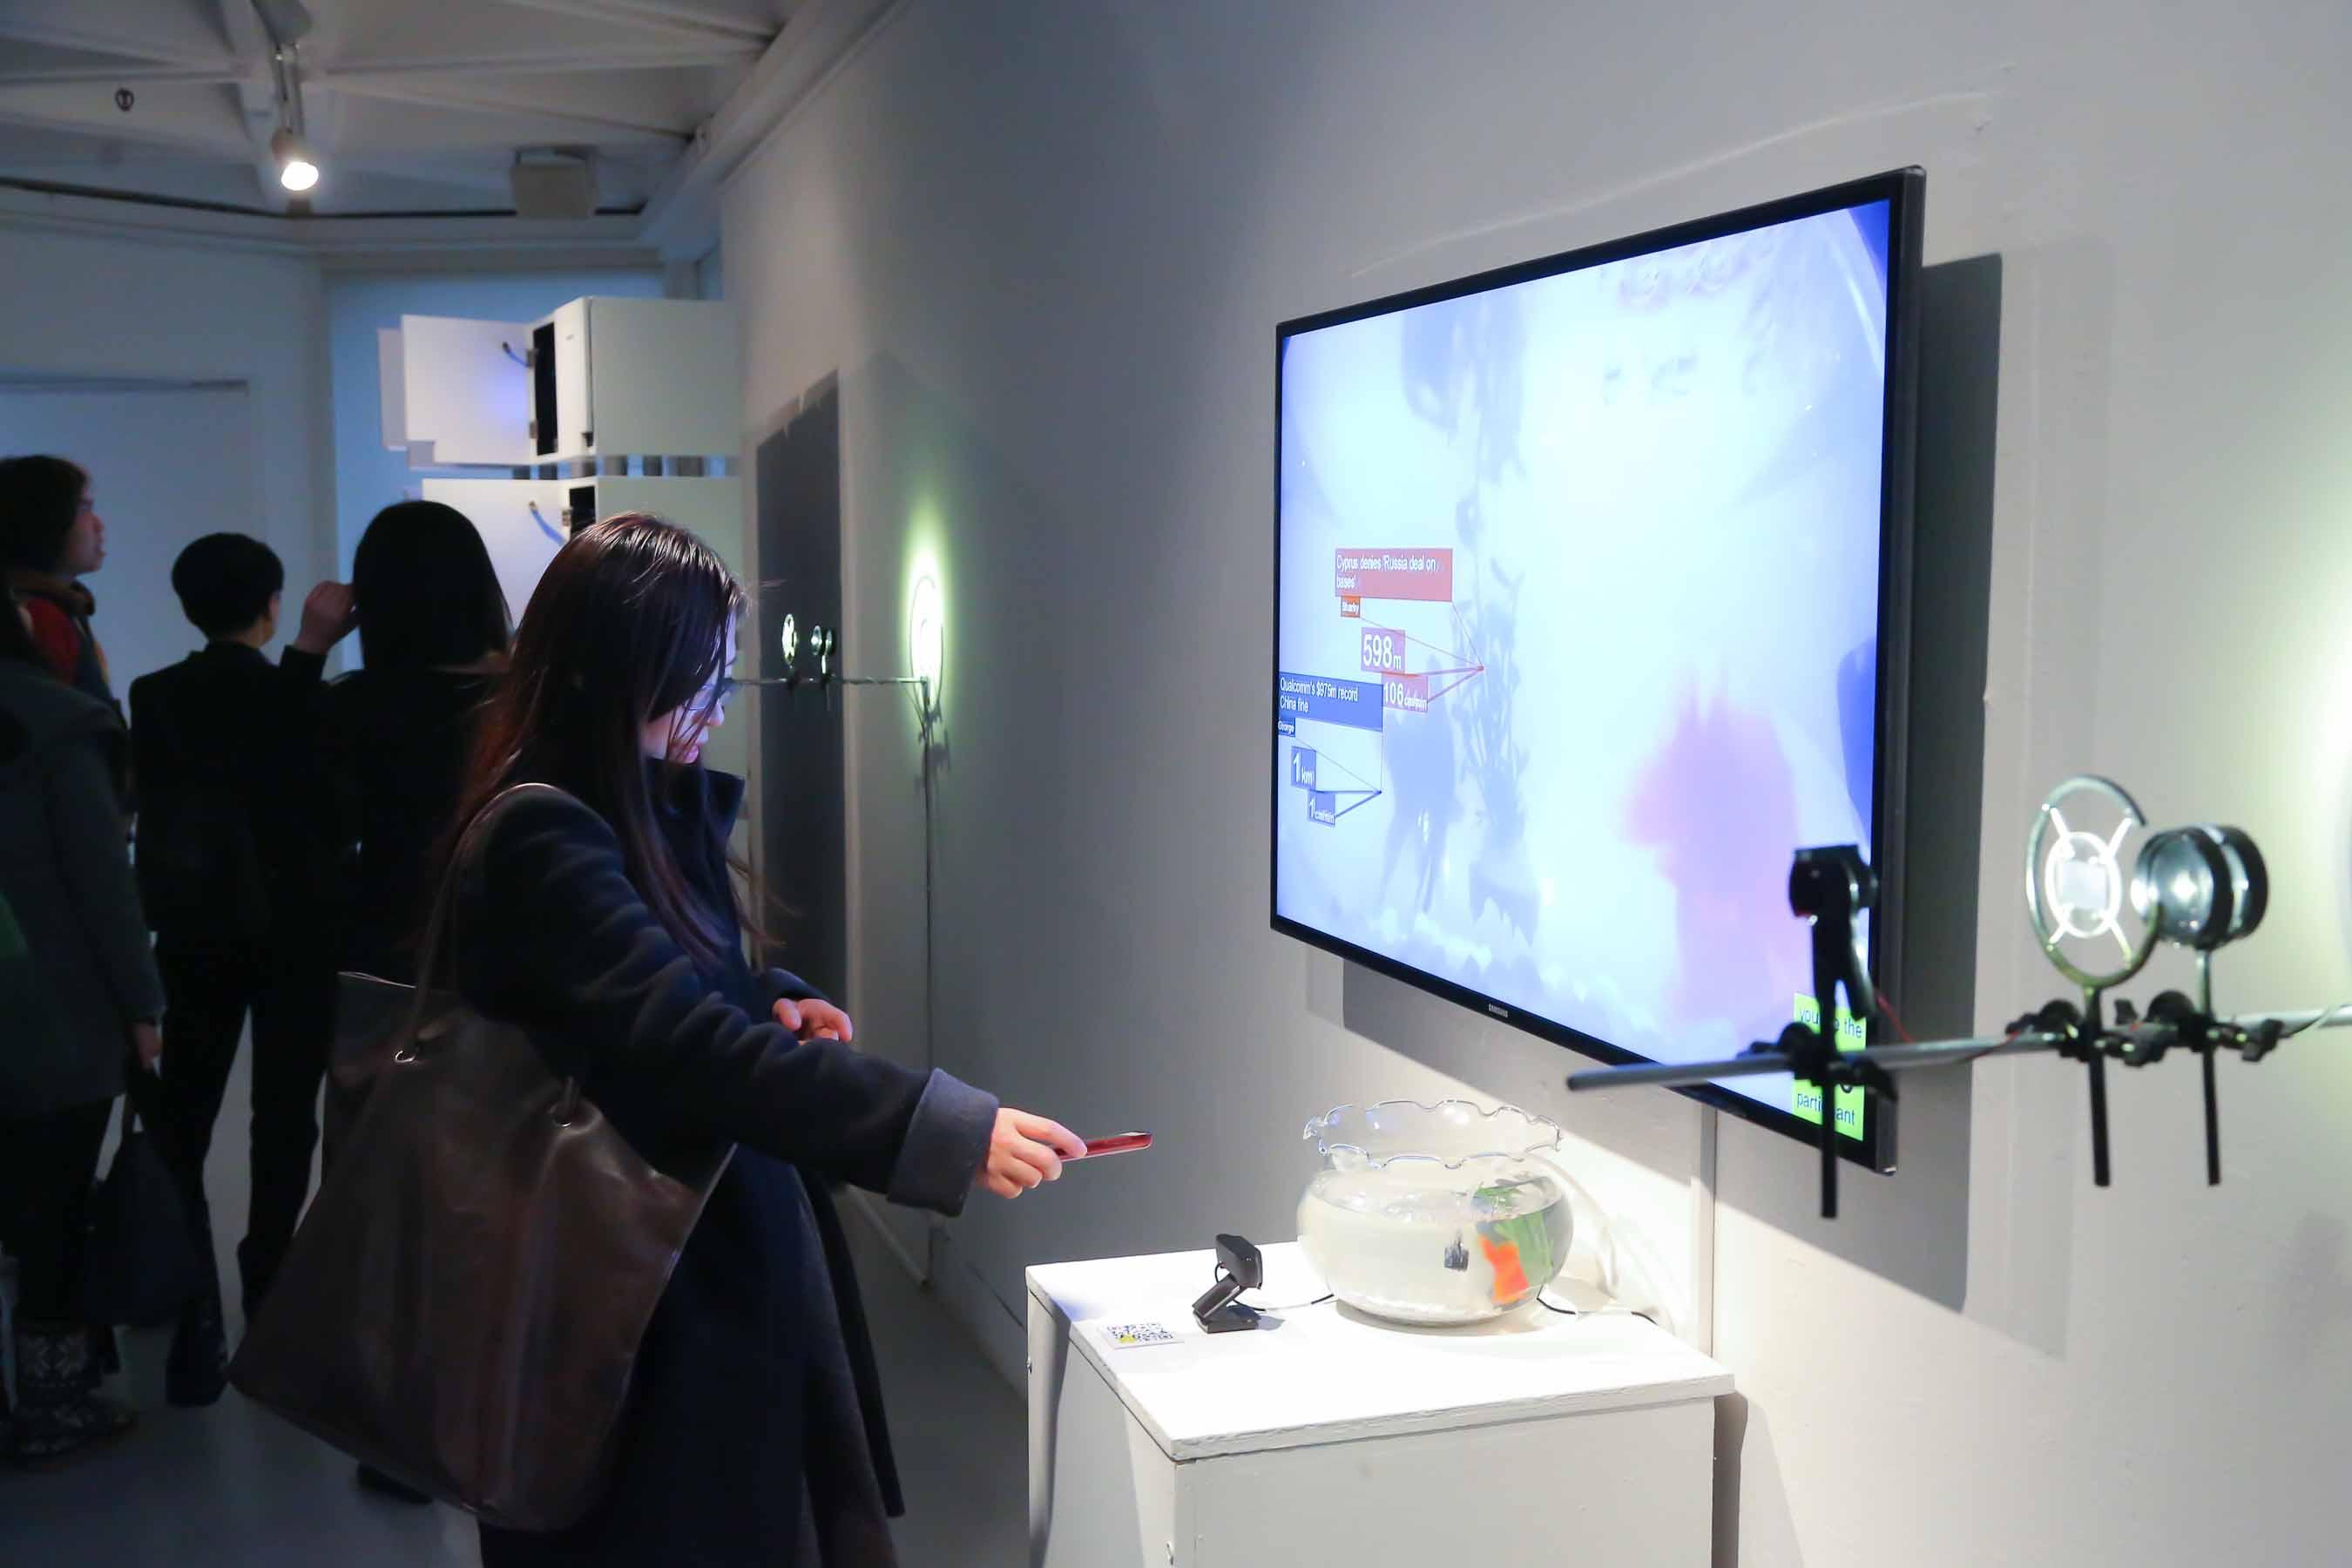 參觀者可透過掃描QR圖碼,參與到金魚缸中的聊天室